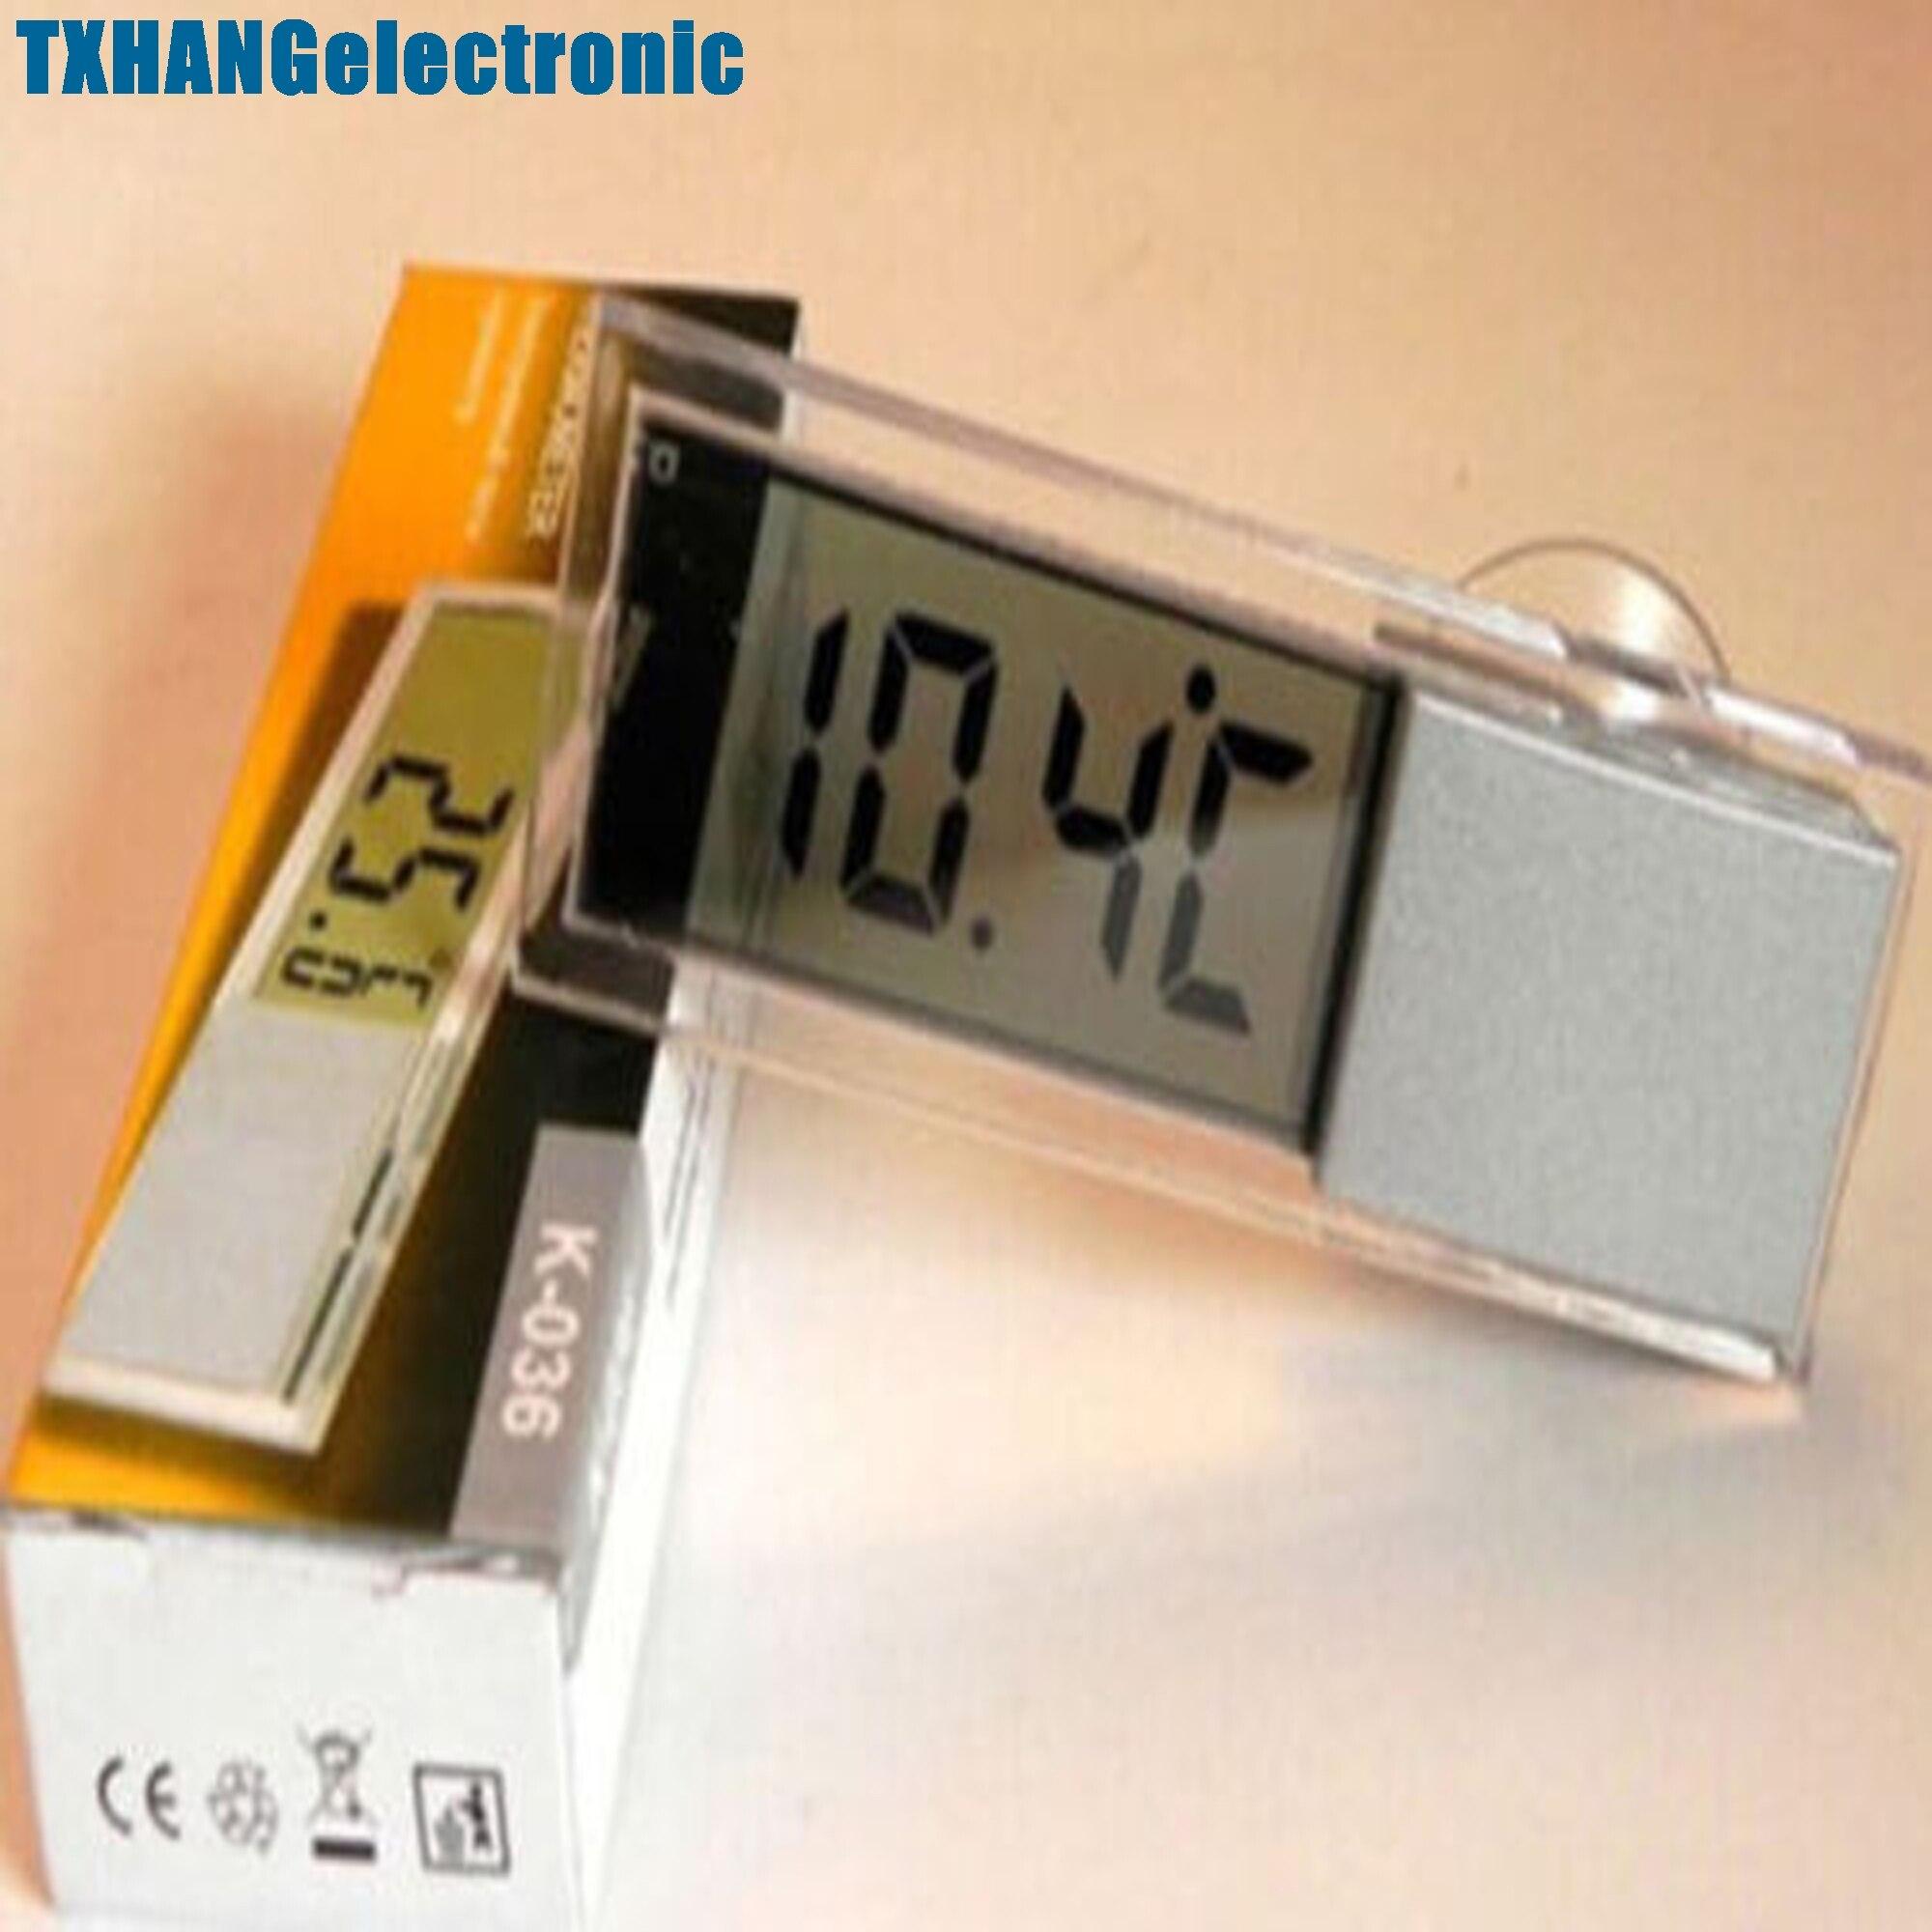 eb1b03607c902 Espelho Retrovisor Do Carro Do veículo Ventosa LCD Digital de Temperatura  Termômetro